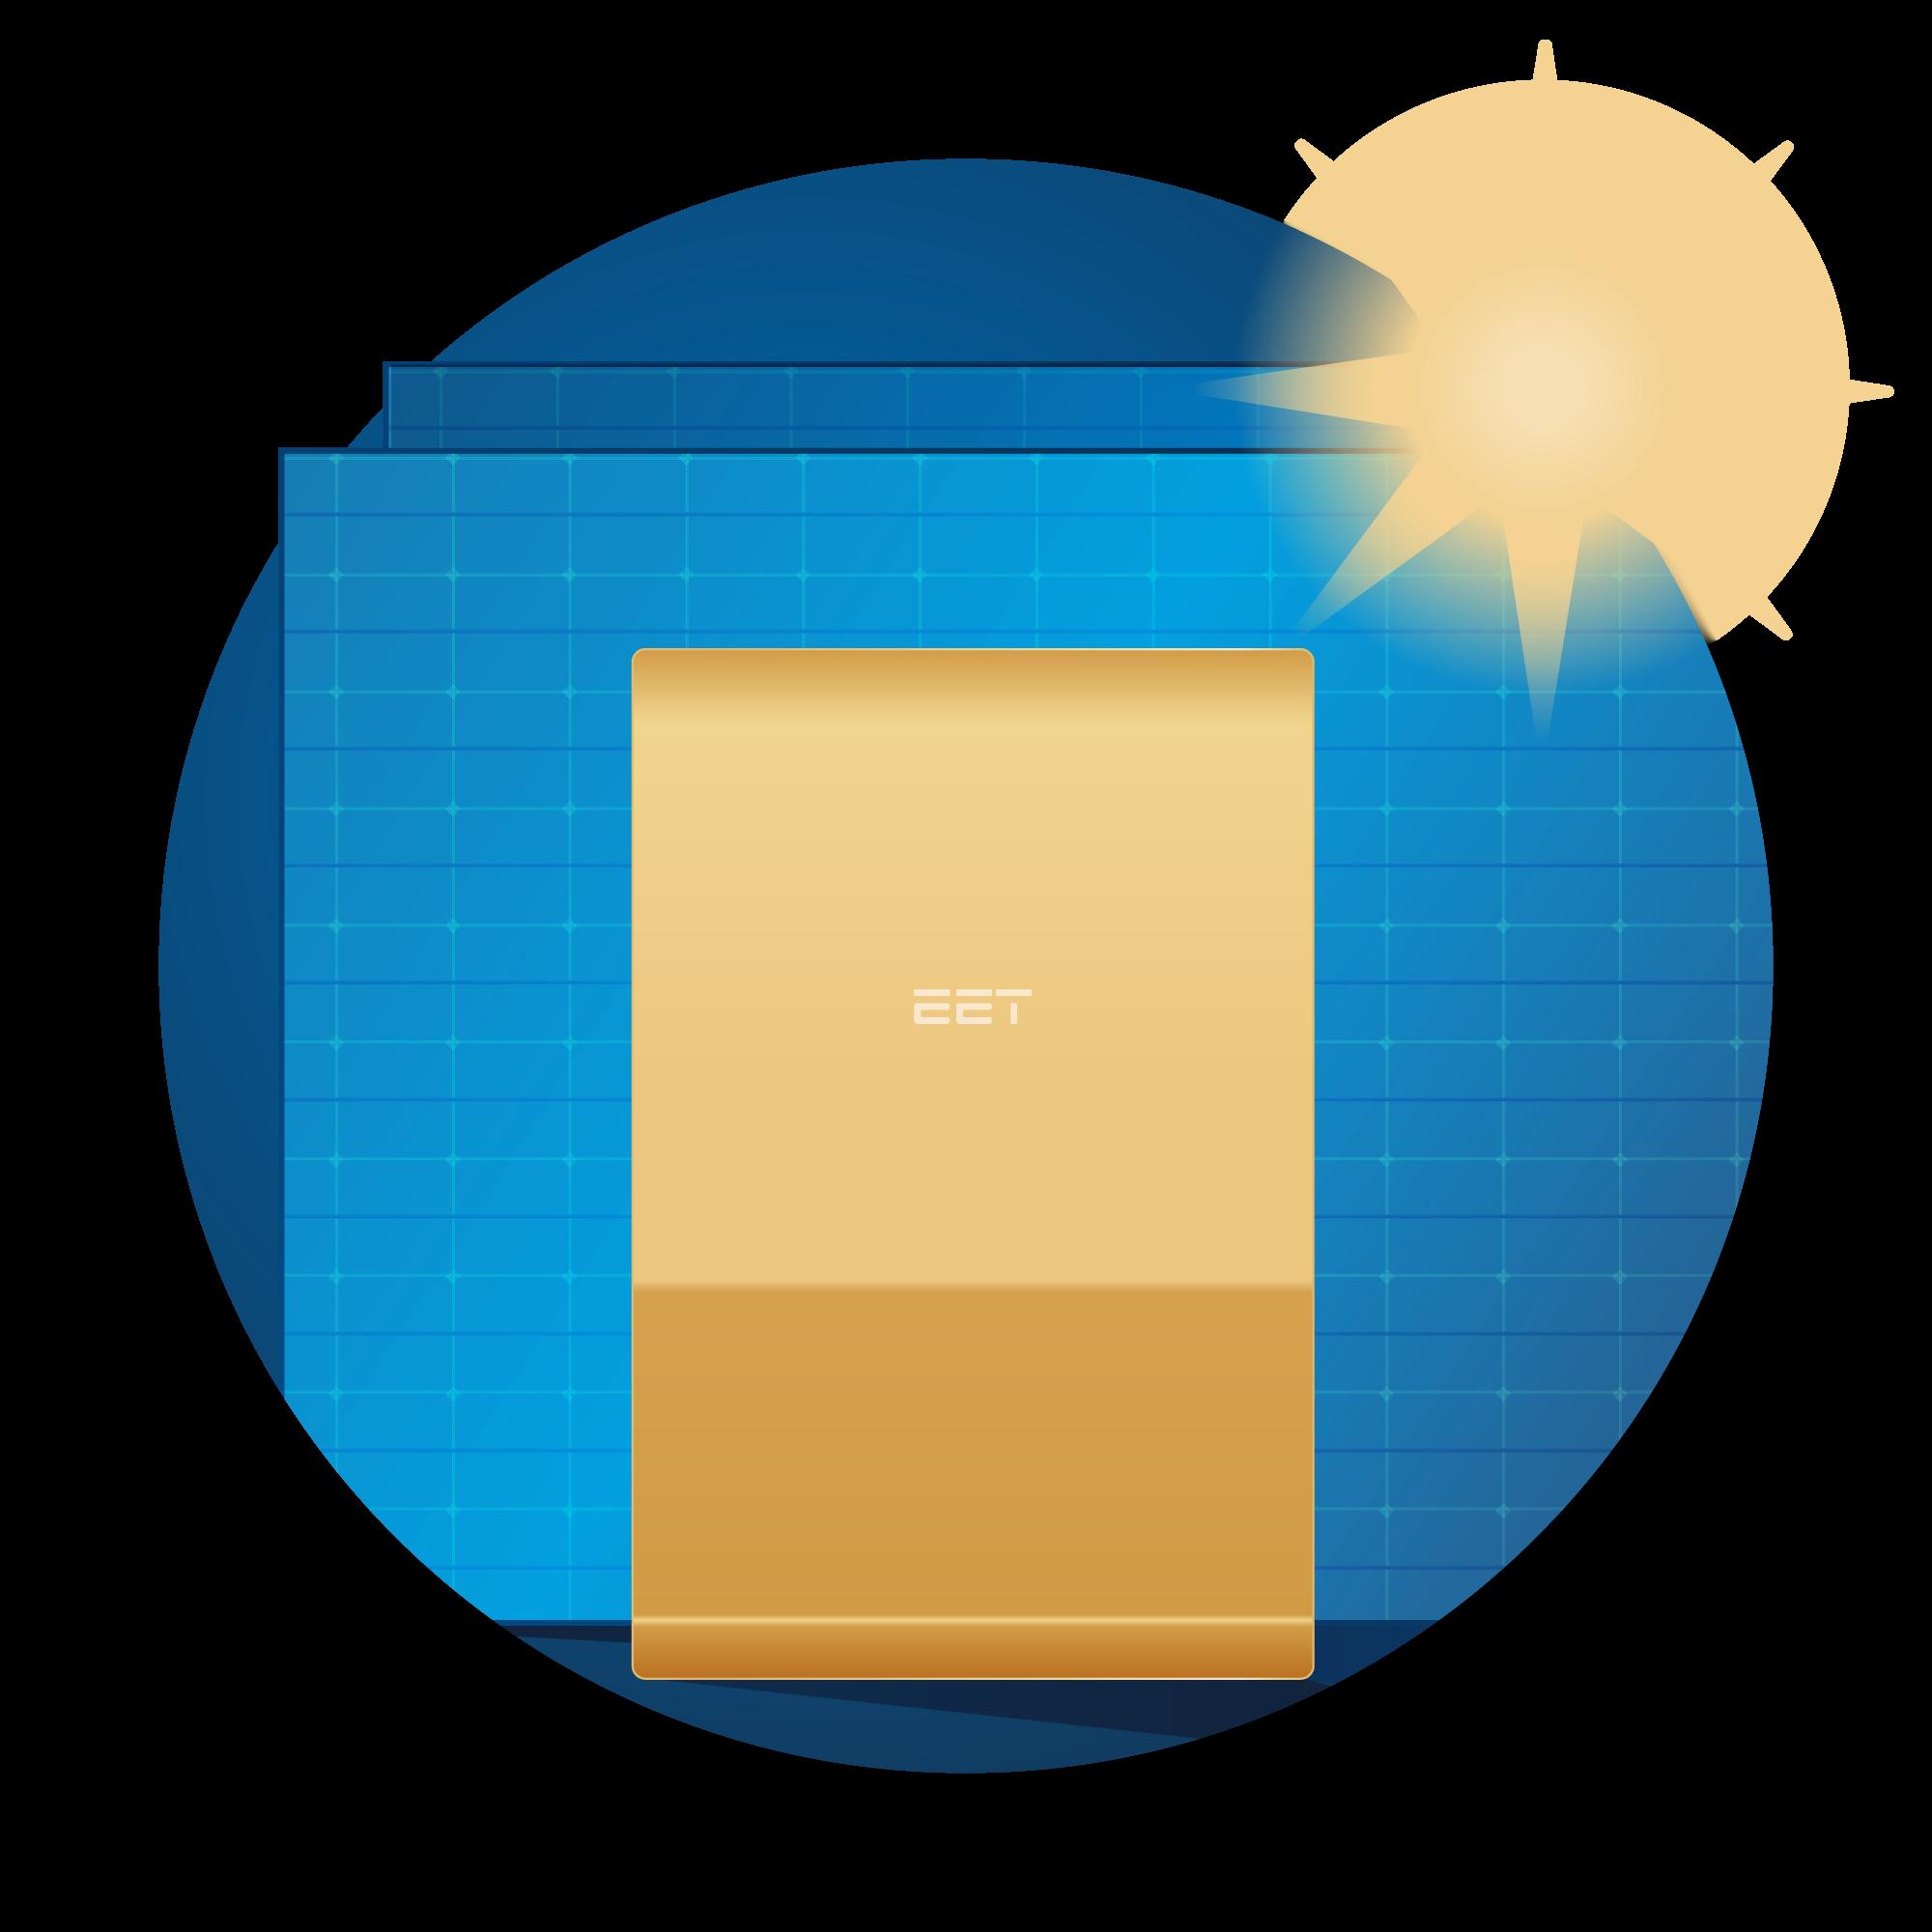 Projekt-Icon EET